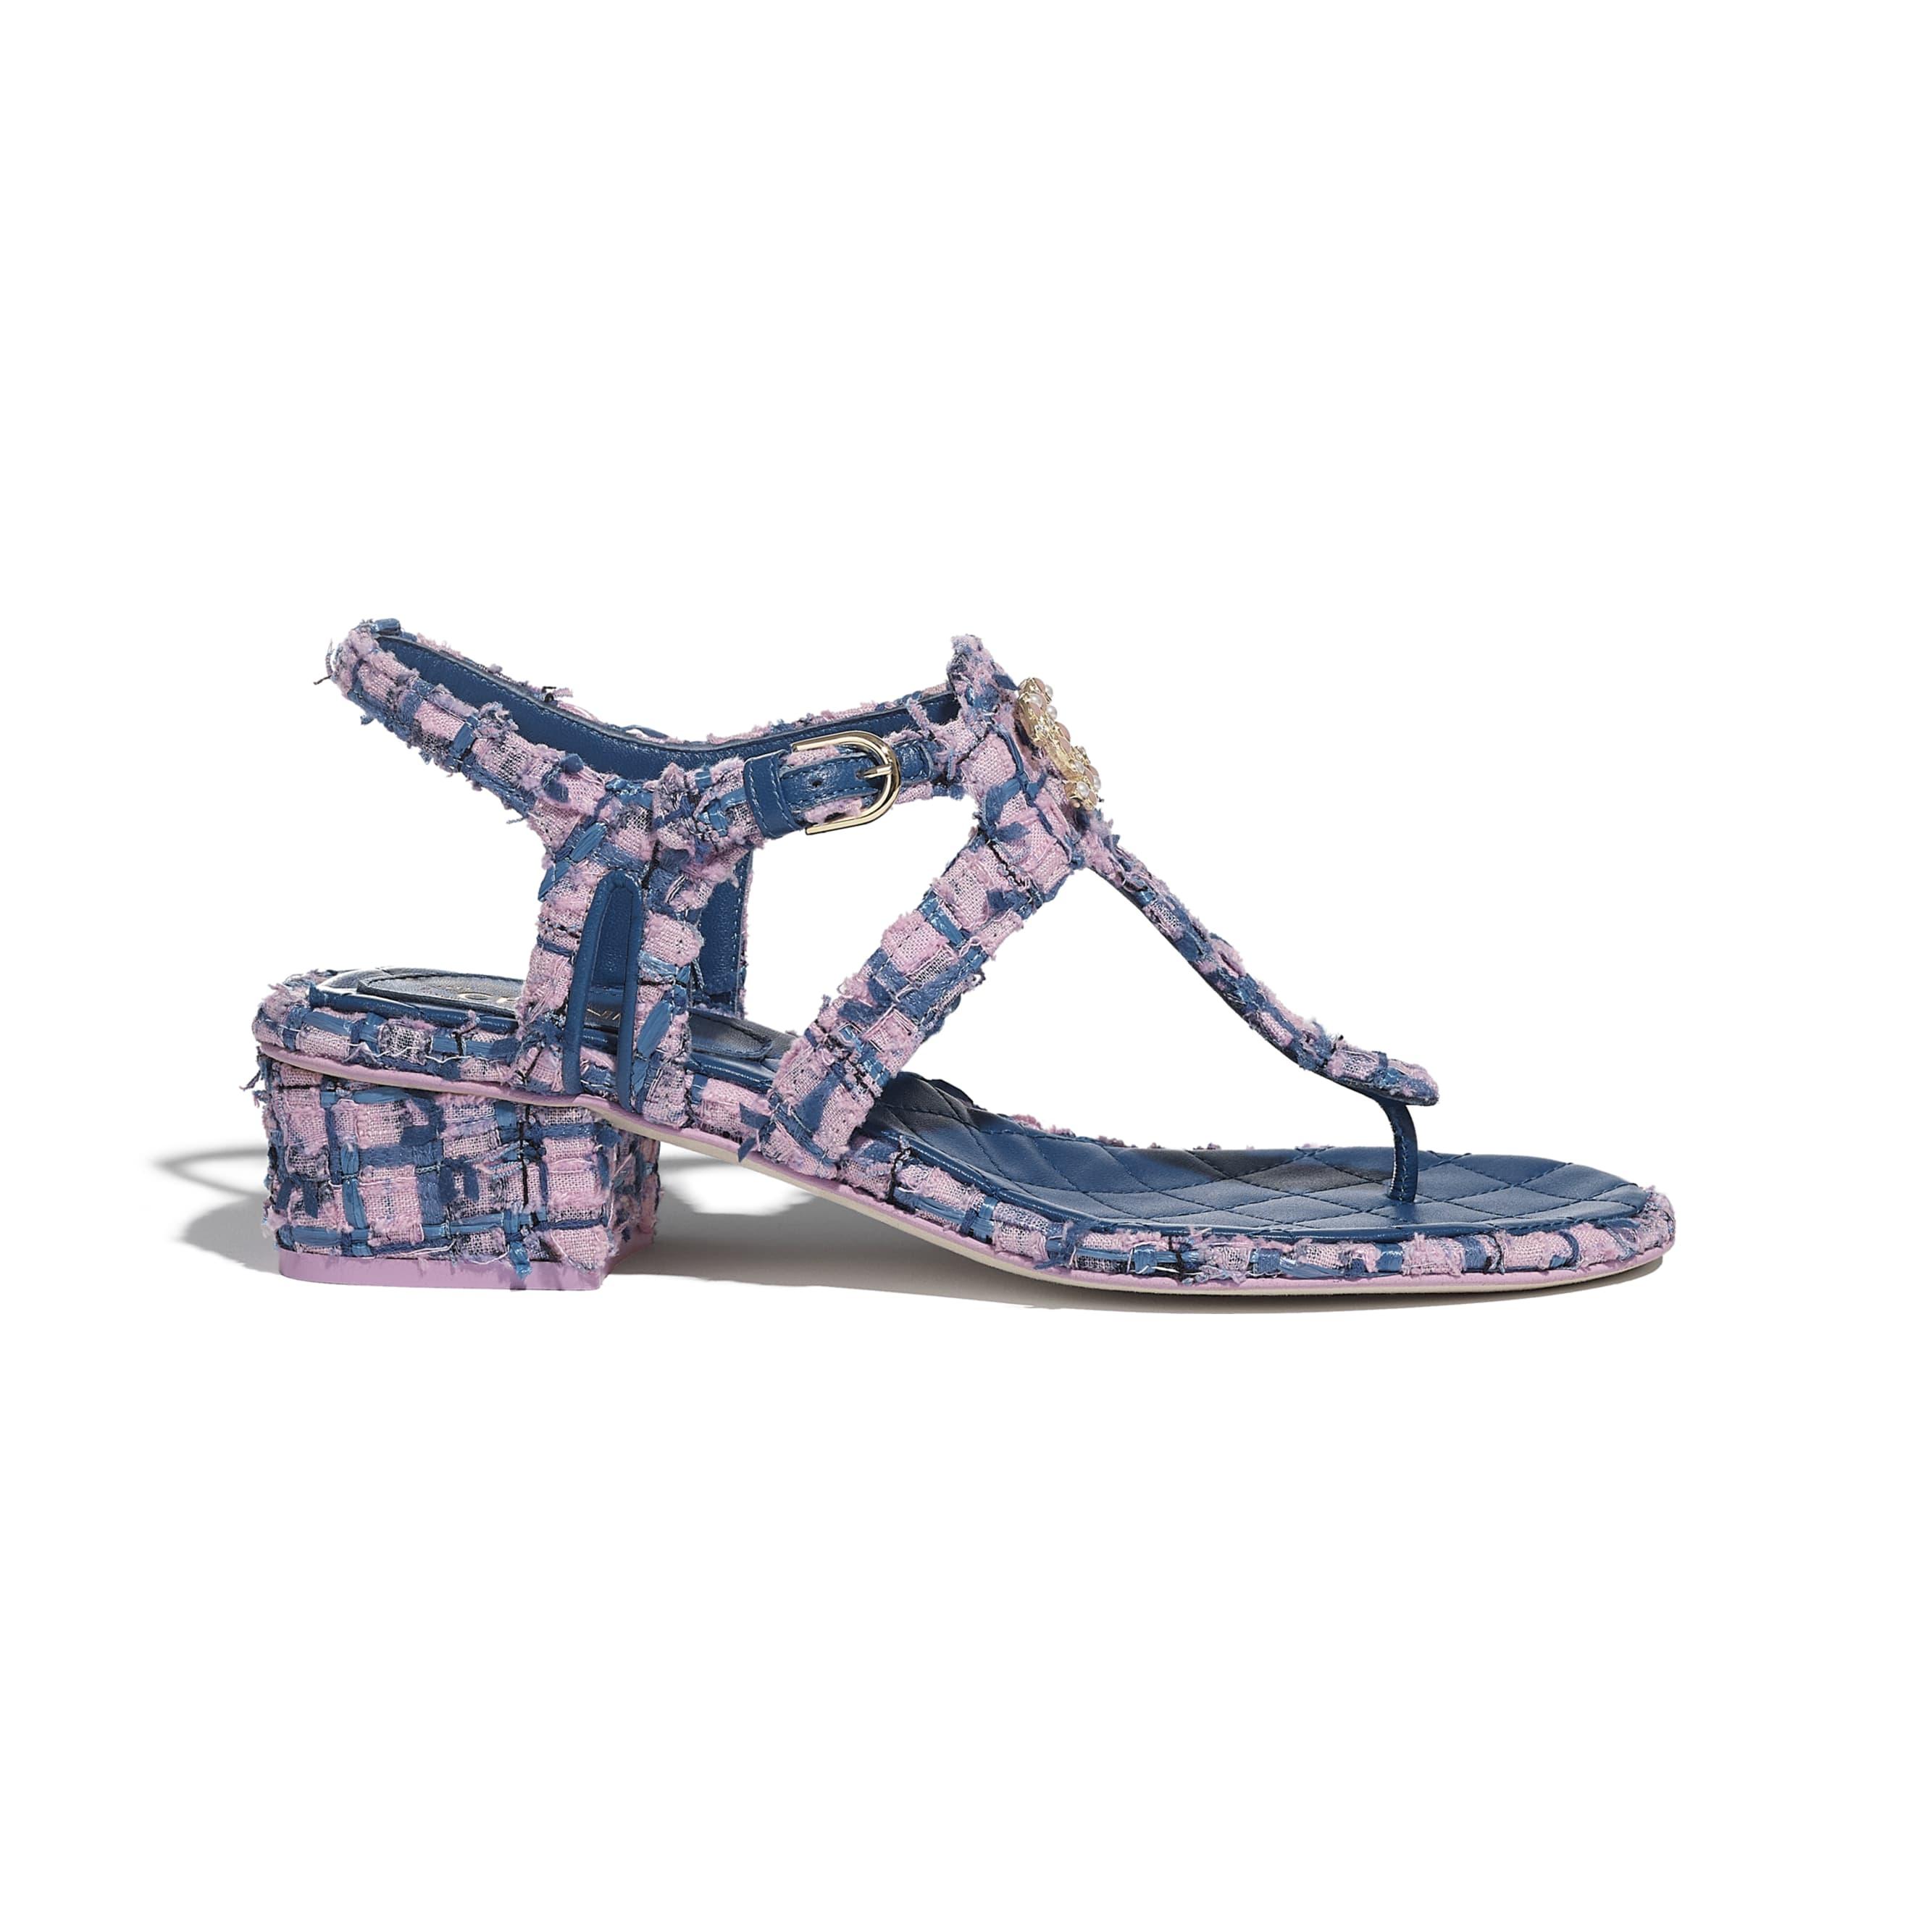 Sandálias - Pink, Blue & Navy Blue - Tweed - CHANEL - Vista predefinida - ver a versão em tamanho standard